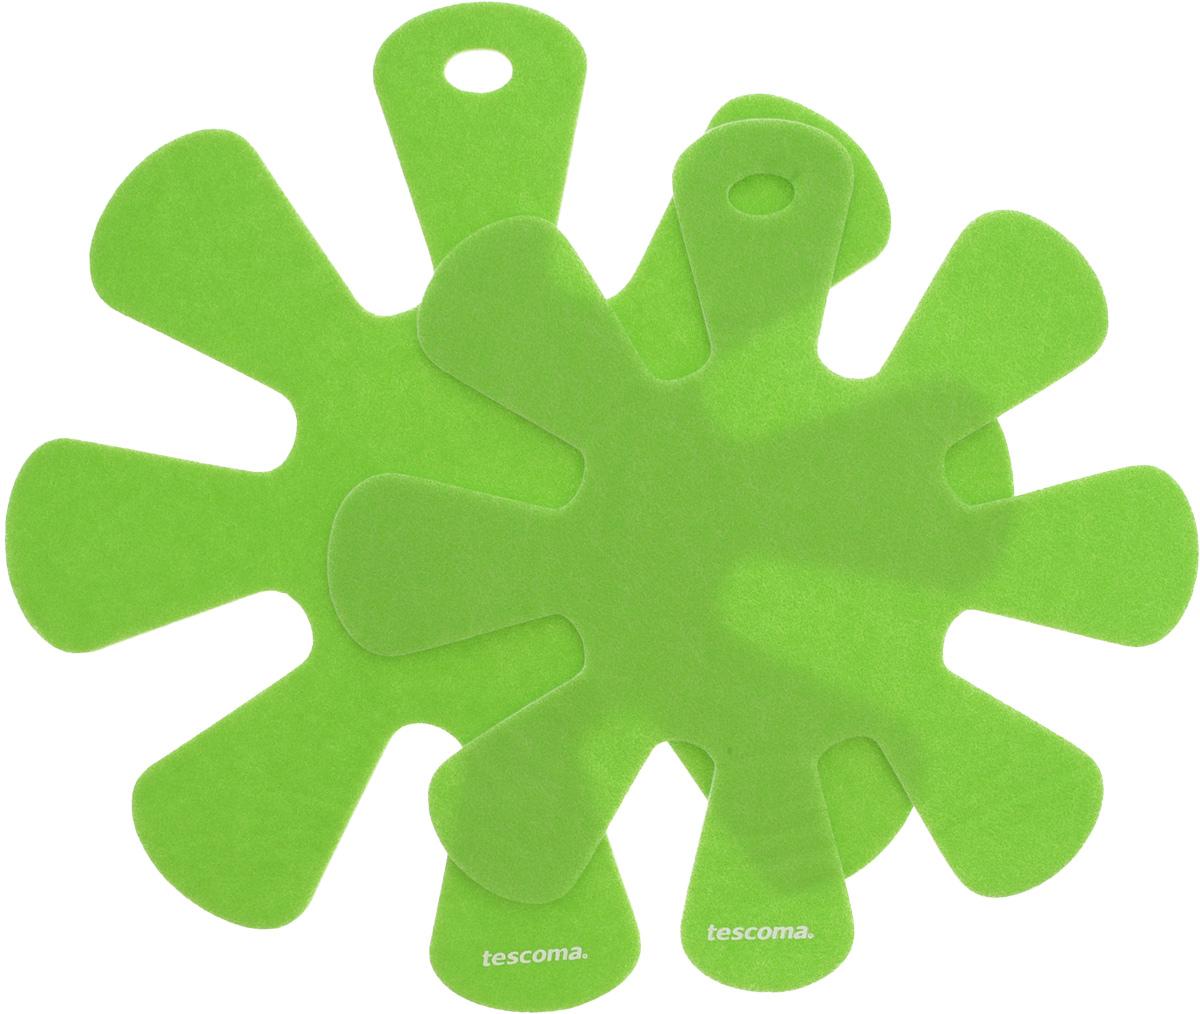 Протектор для хранения посуды Tescoma Presto, цвет: салатовый, 2 шт. 420884420884Протекторы для хранения посуды Tescoma Presto выполнены из прочной синтетической ткани. Они используются для защиты посуды с антипригарным покрытием при хранении на кухне. Подходят для посуды диаметром от 24 до 32 см и от 18 до 24 см. Нельзя использовать для горячей или неочищенной посуды. Не использовать в качестве подставки под горячее. Не использовать в посудомоечной машине. Рекомендуется обычная стирка при 40°С. Диаметр большого протектора: 38 см. Диаметр малого протектора: 32,5 см.